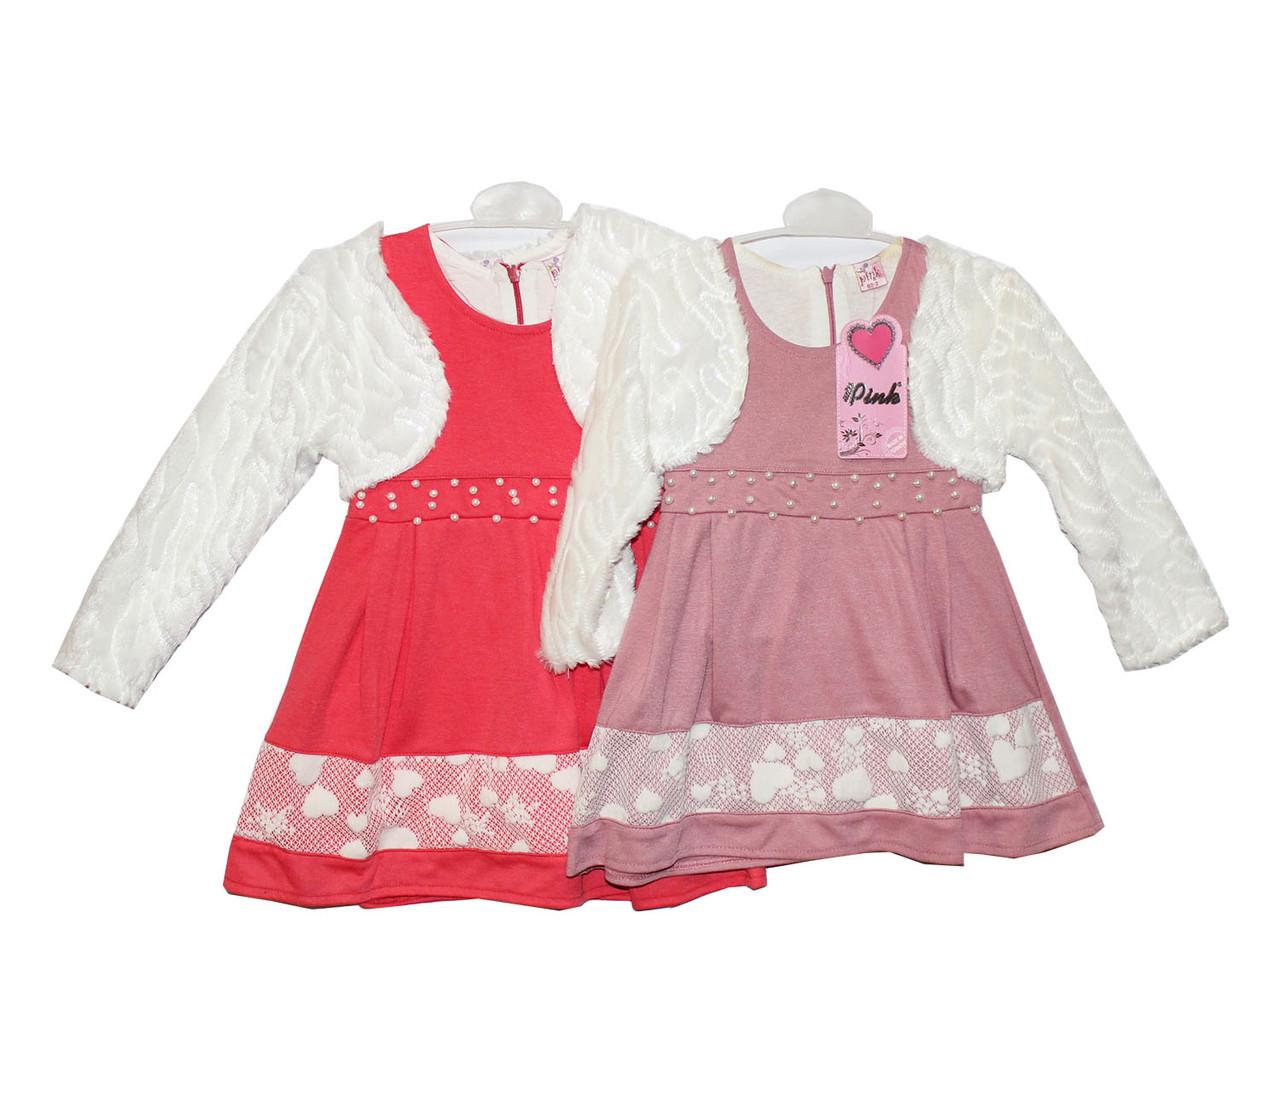 Плаття дитяче з болеро на осінь Pink 1119